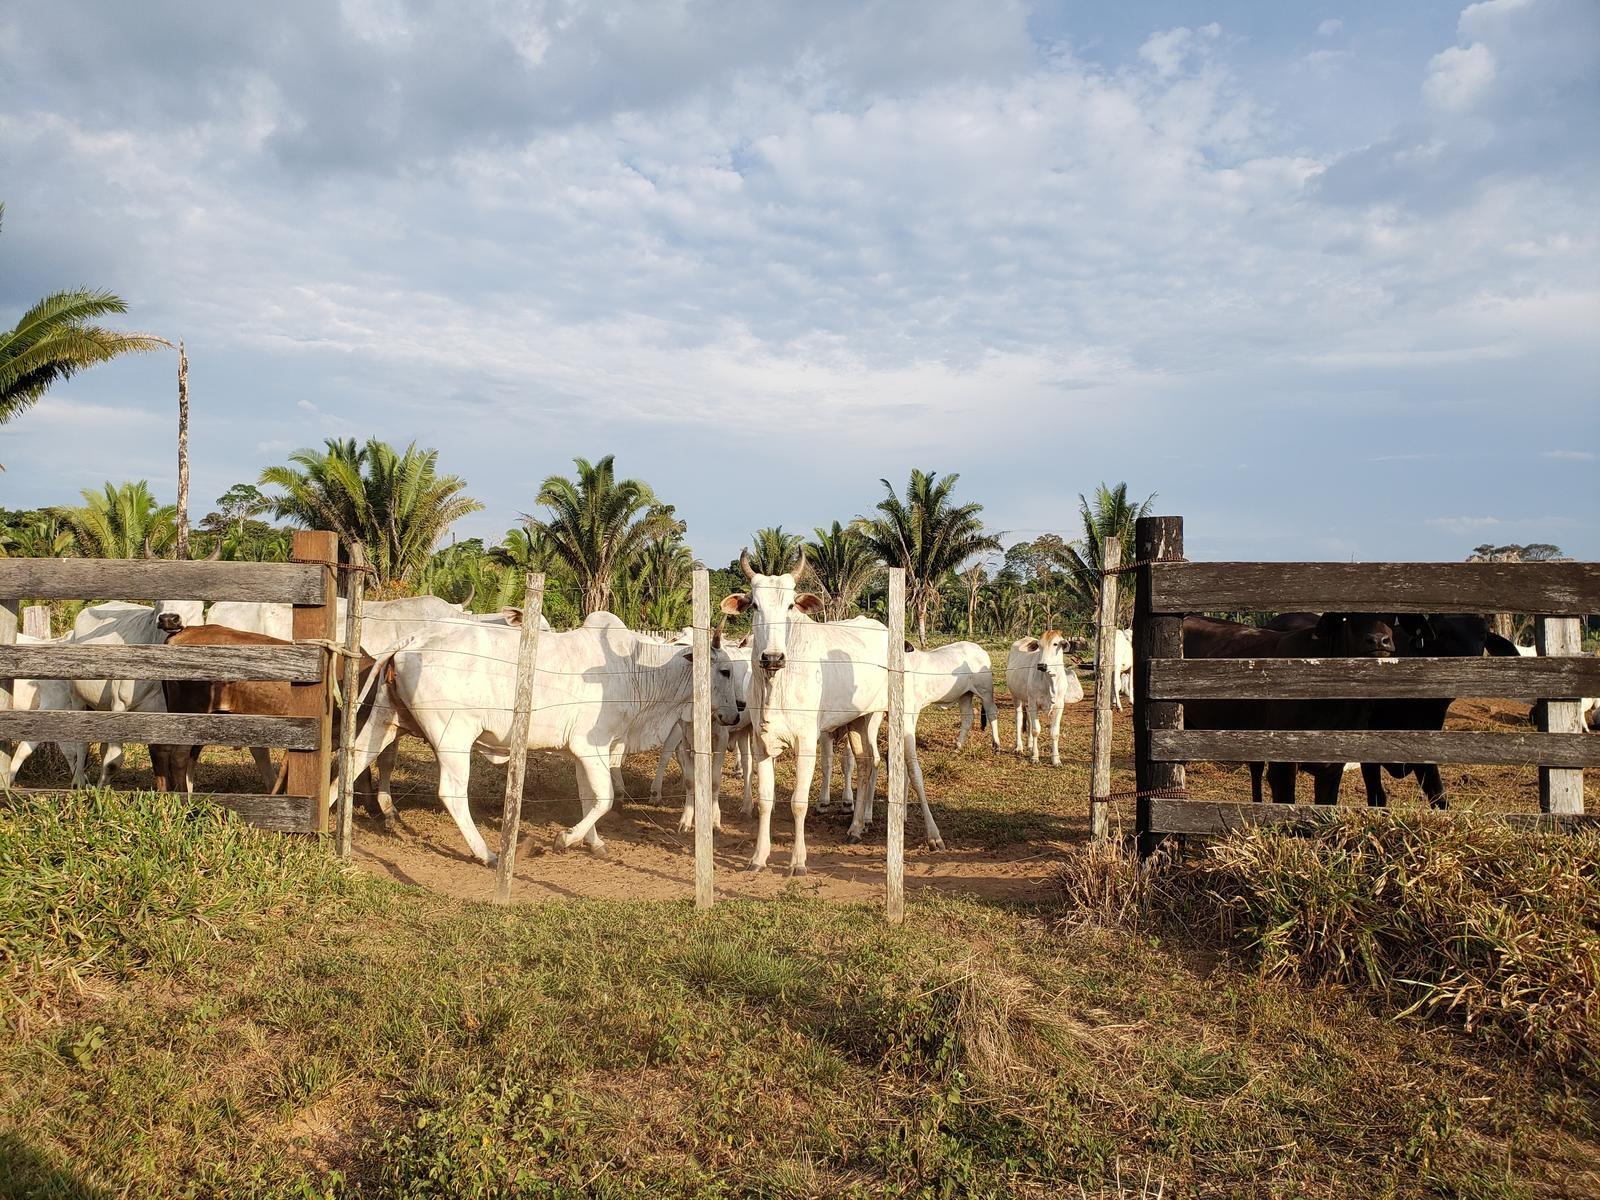 Rebanho ocupa ilegalmente uma parte da reserva Rio Ouro Preto, em Rondônia. Foto Anistia Internacional